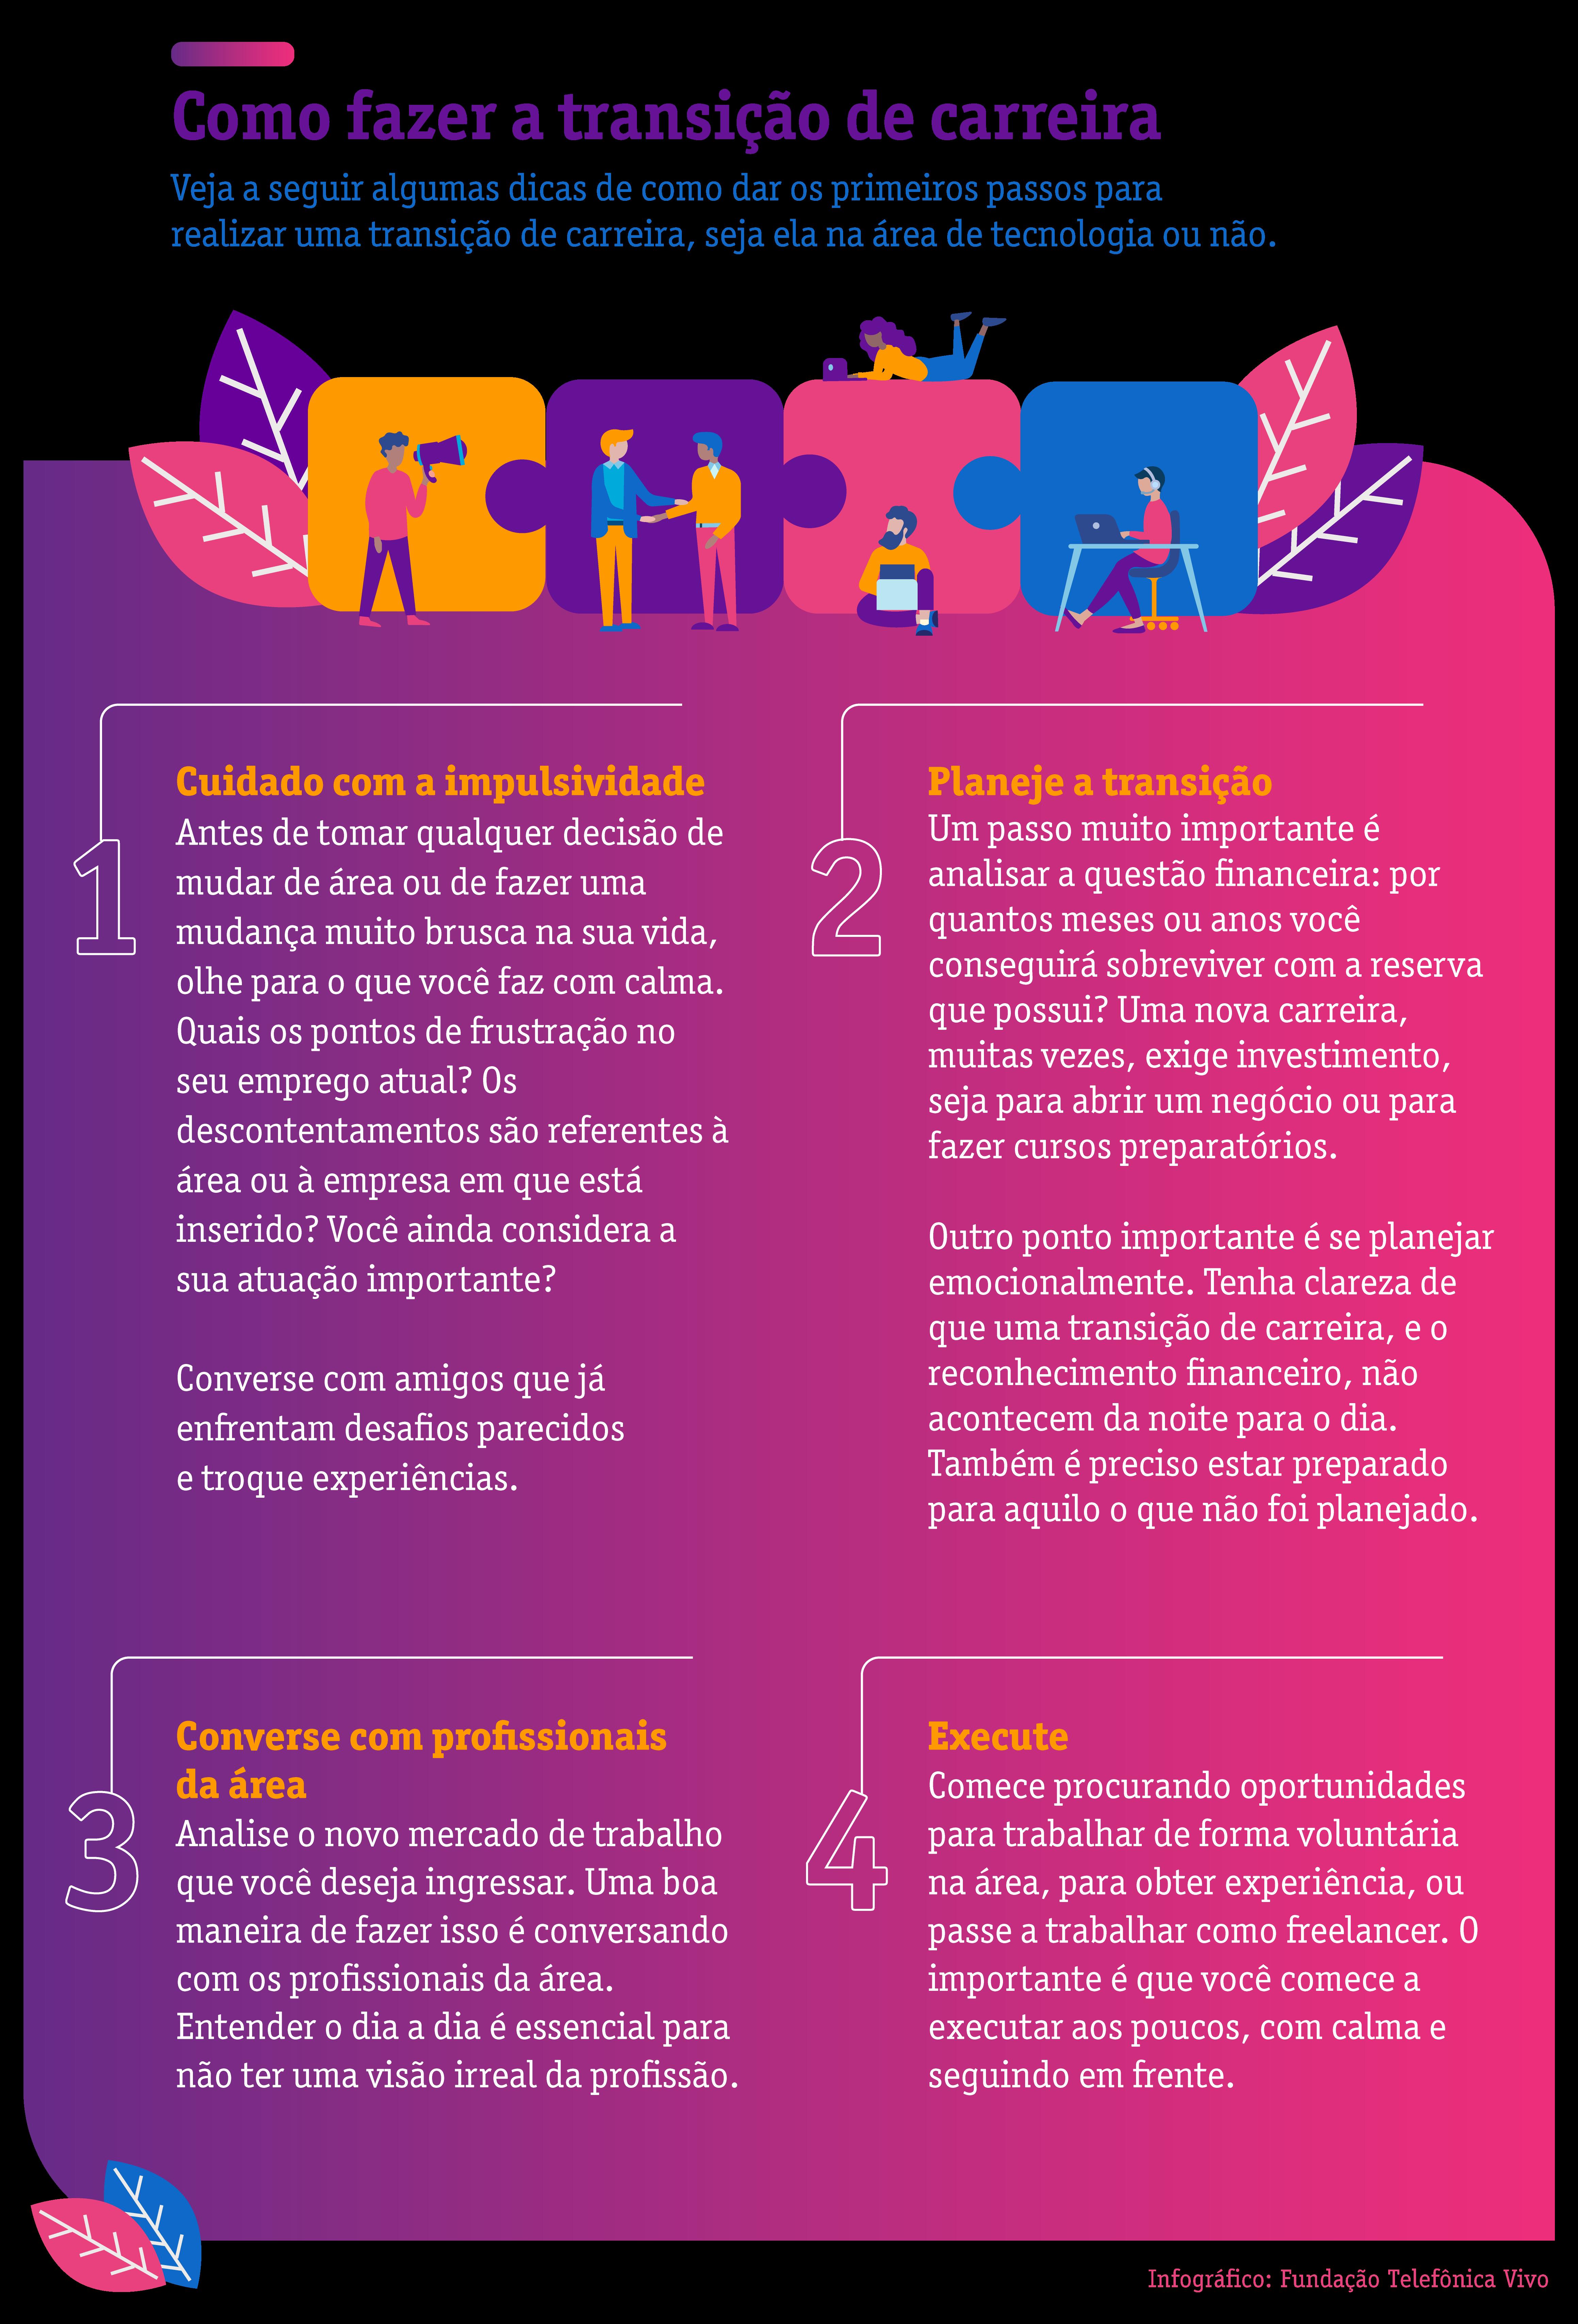 Infográfico traz algumas dicas para fazer uma transição de carreira. Em um quadro cujo fundo está pintado nas cores rosa e roxo, há ilustrações de pessoas e um quadro com cinco passos principais: Cuidado com a impulsividade; Planeje a transição; Converse com profissionais da área; Execute.